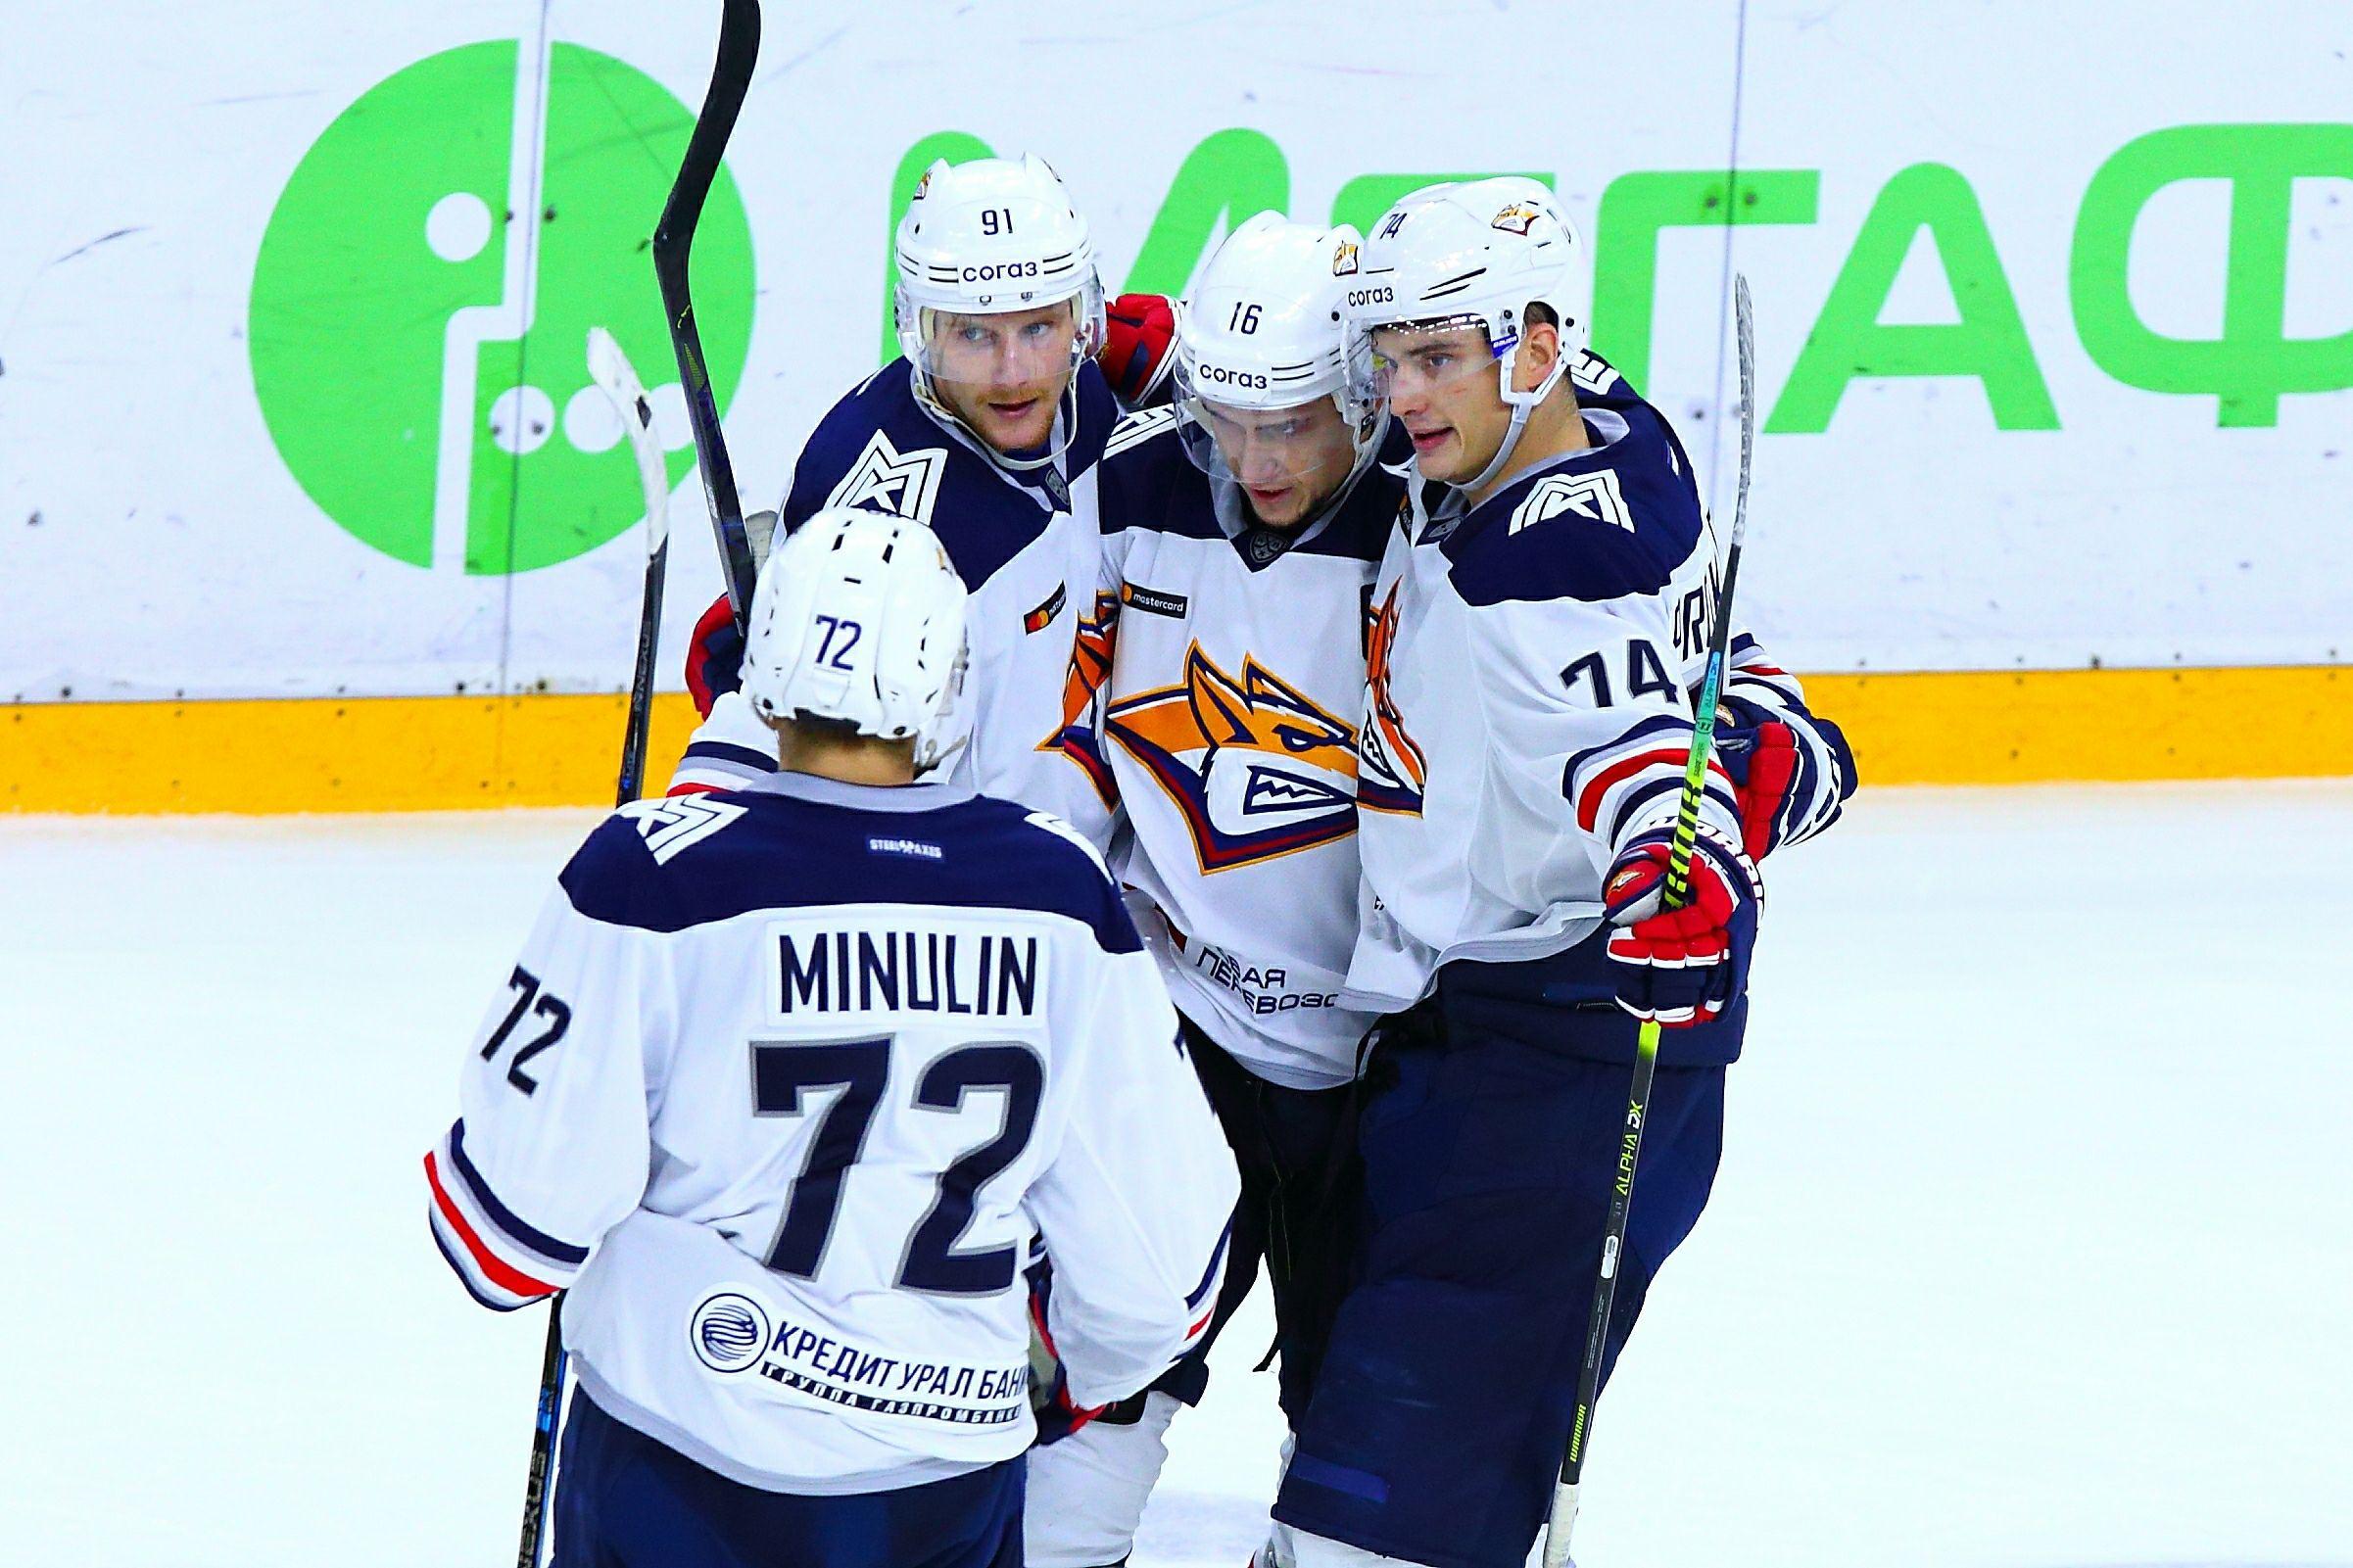 Хоккей, КХЛ, восточная конференция, полуфинал, Металлург - Авангард, шестой матч, прямая текстовая онлайн трансляция